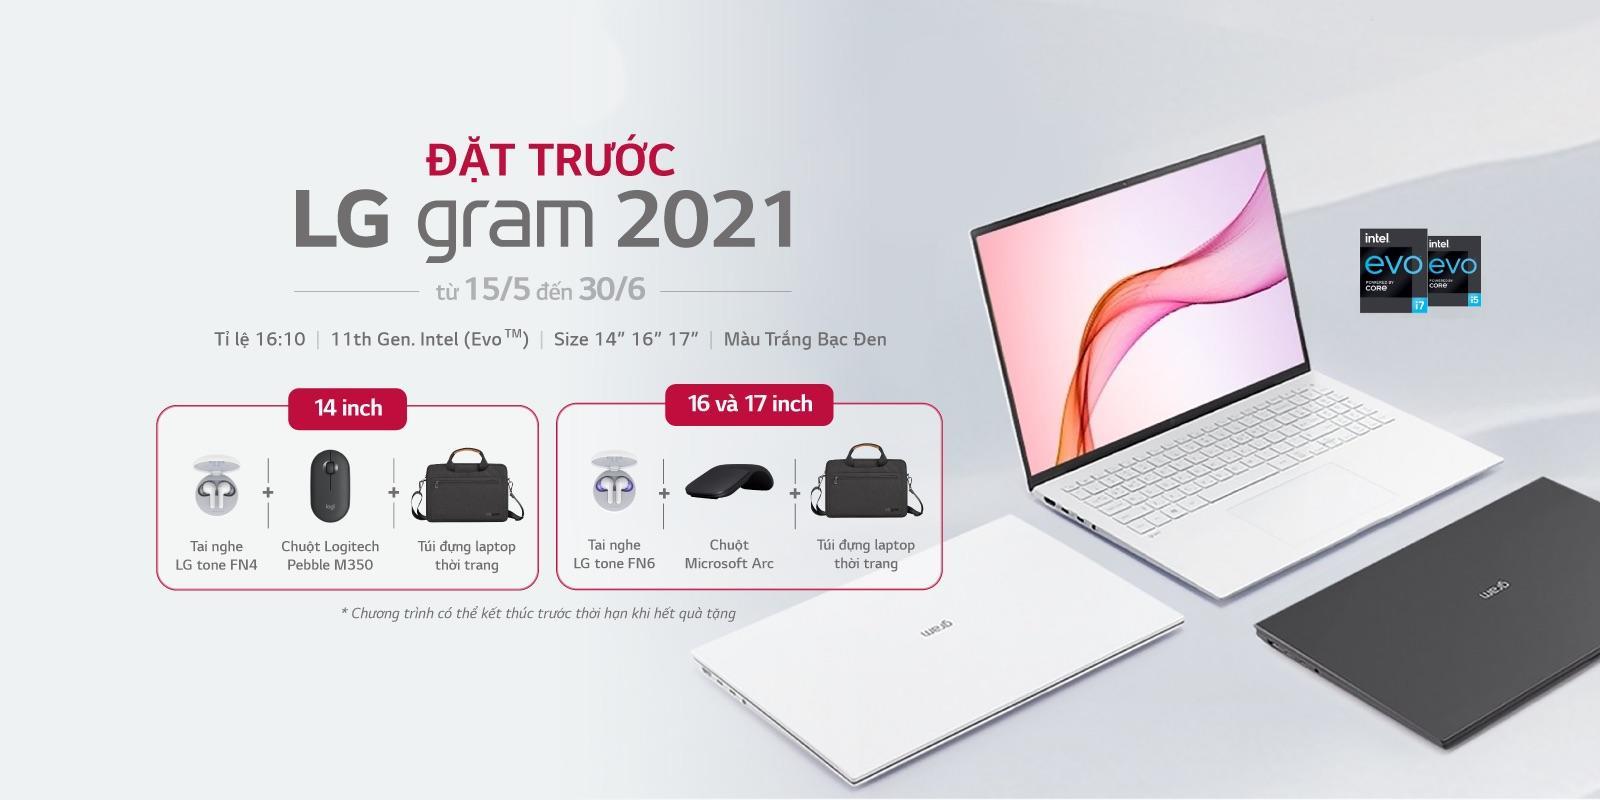 Laptop LG gram 2021 bán tại Việt Nam giá từ 35 triệu đồng